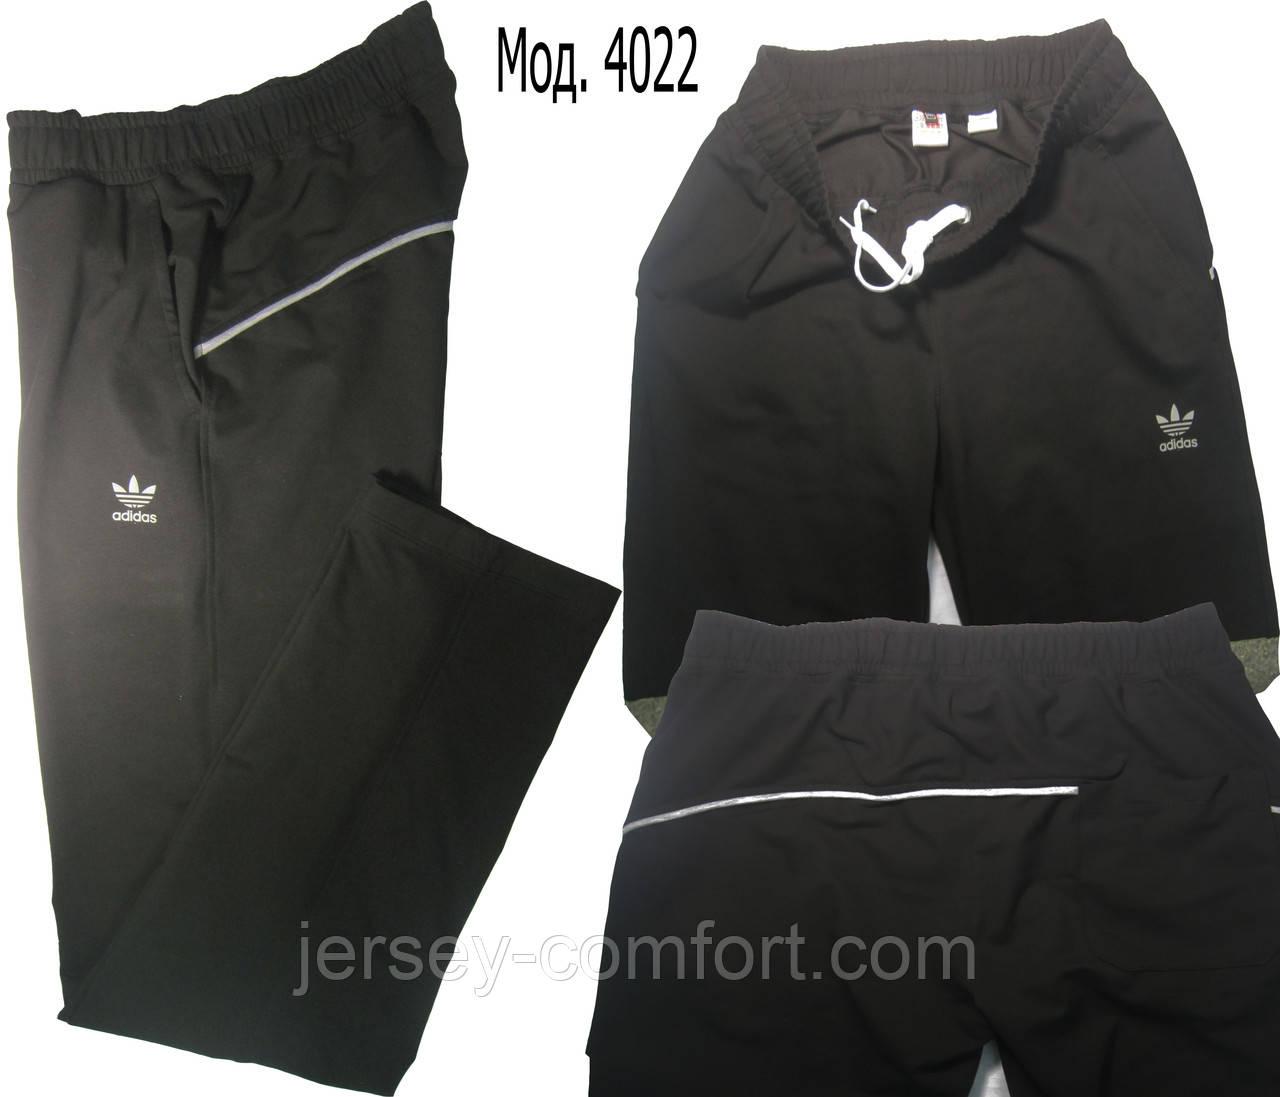 Штани чоловічі спортивні. Чоловічі спортивні штани трикотажні. Різні кольори. Мод. 4022.